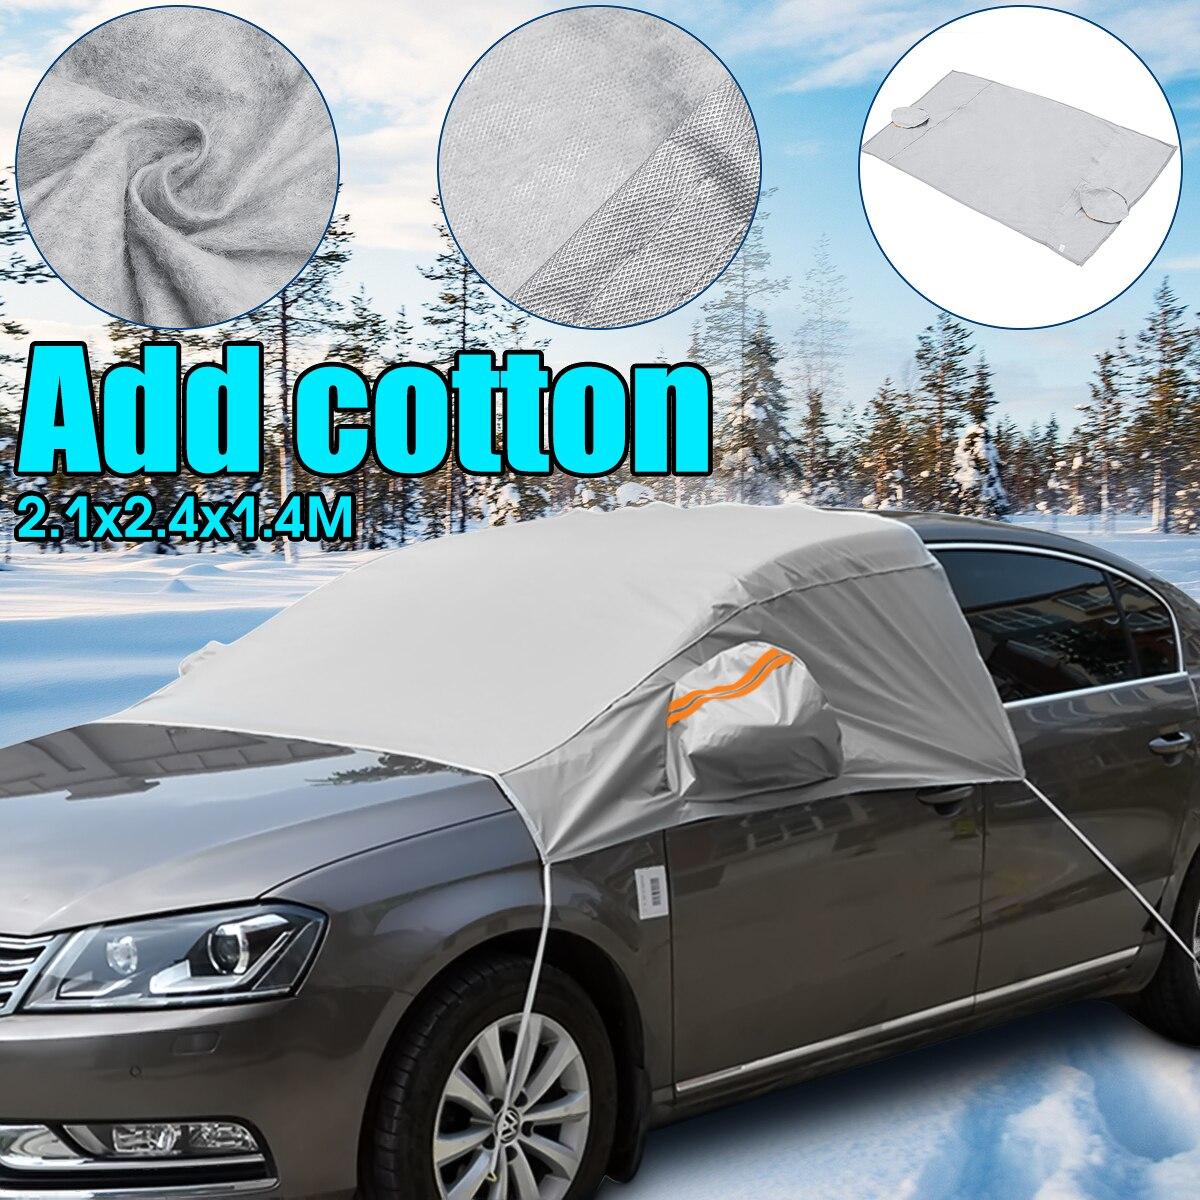 Para-brisas de janela de carro, tampa para janela frontal de carro universal 240cm x 200cm x 147cm para proteção contra o sol, cobertura de neve uv para gelo para para-brisa inverno verão